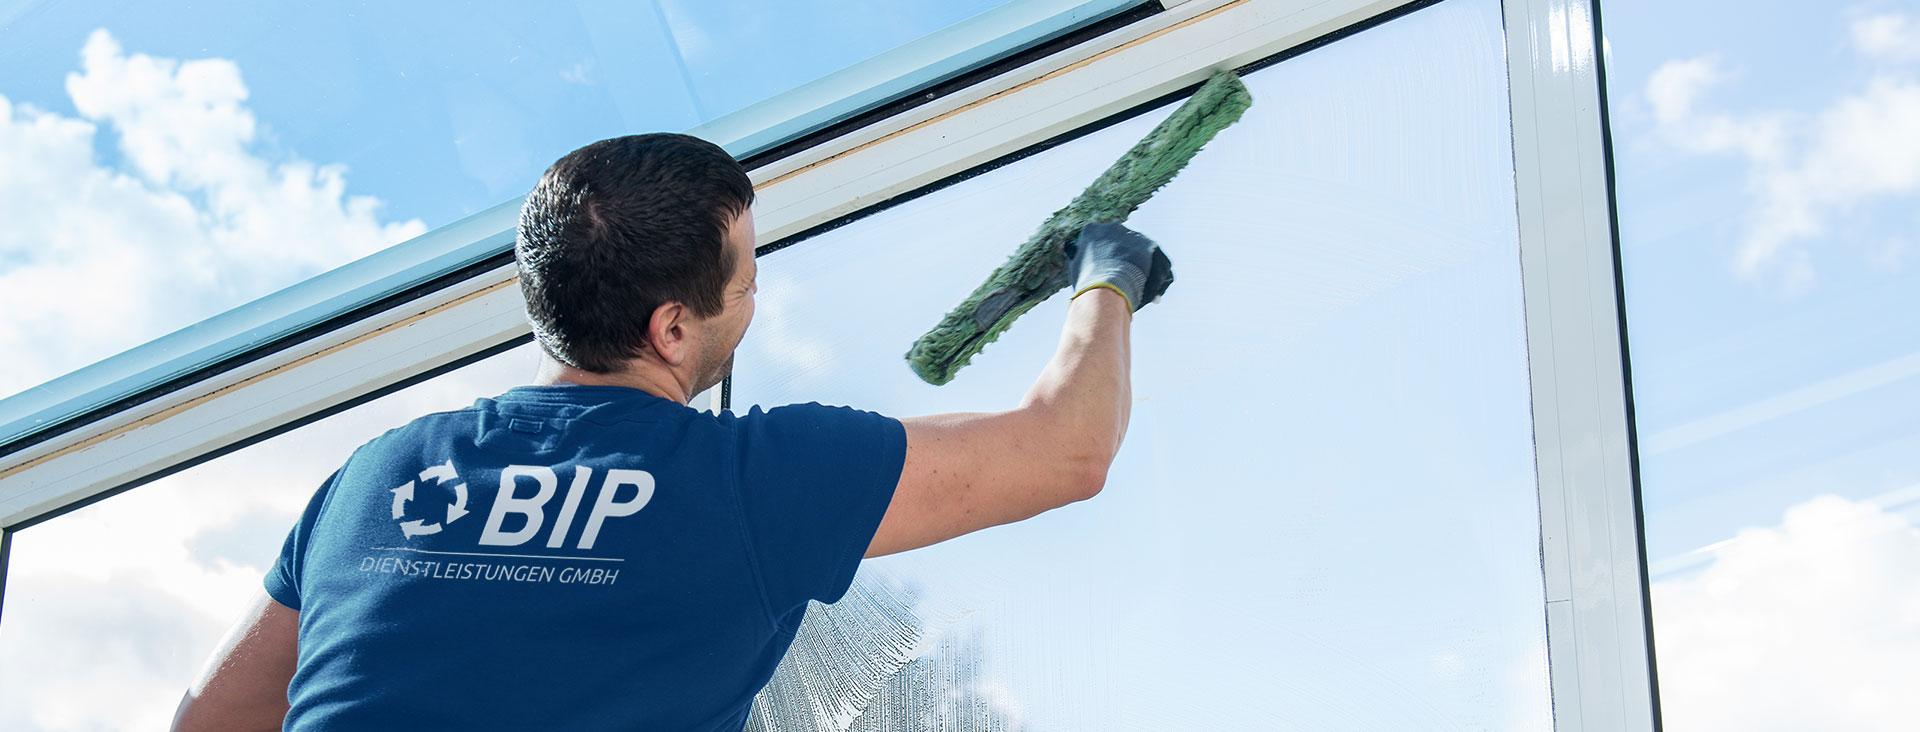 Reinigungsdienst verwendet ökologische Reinigungsprodukte